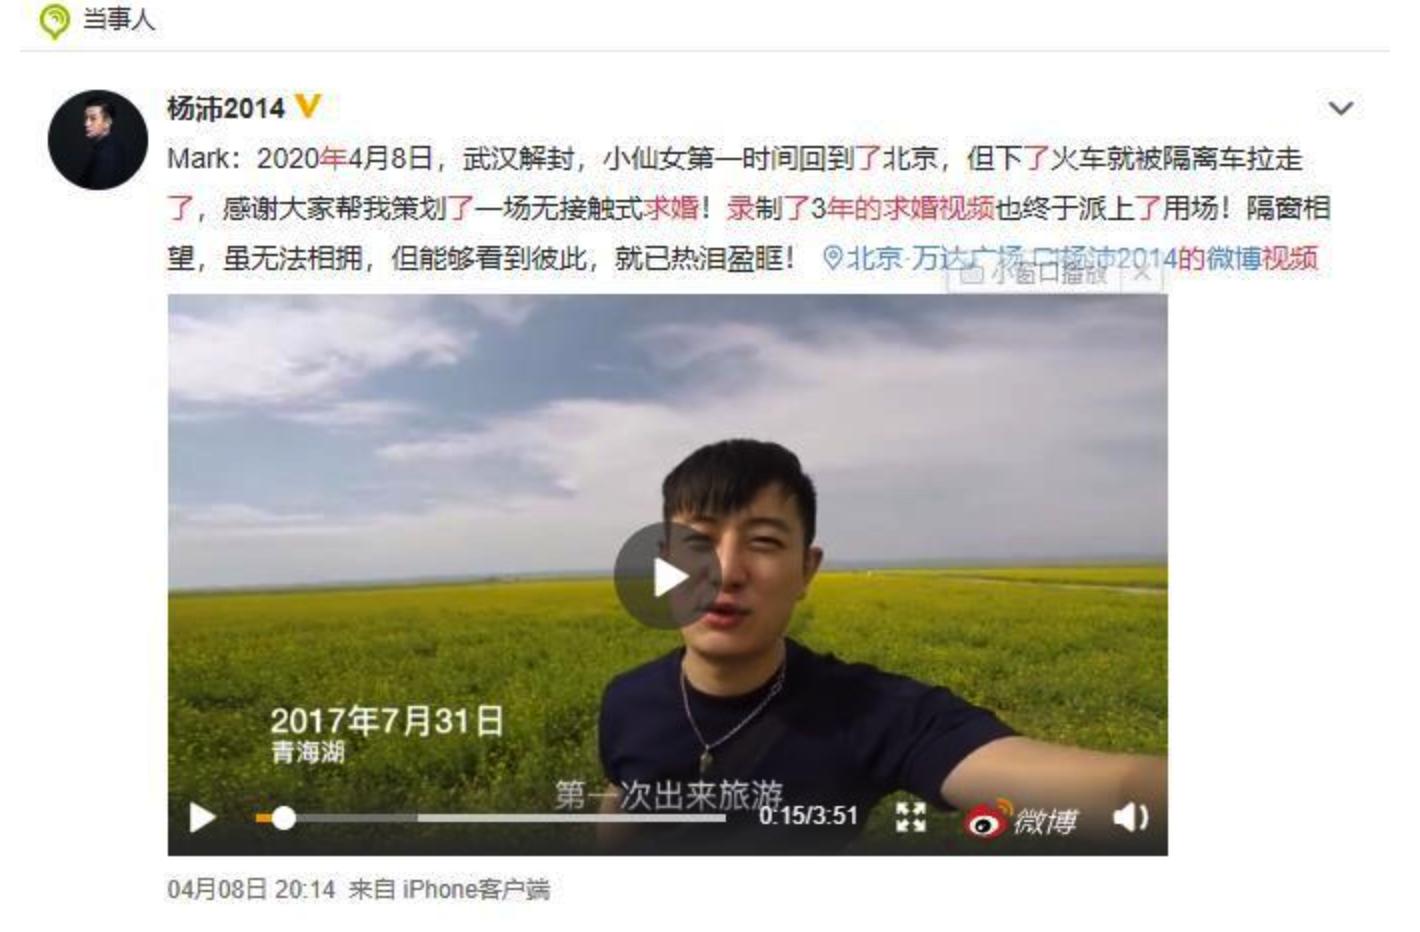 武漢疫情下無觸式求婚 影片策劃三年感動逾萬網民:是男的也想嫁!